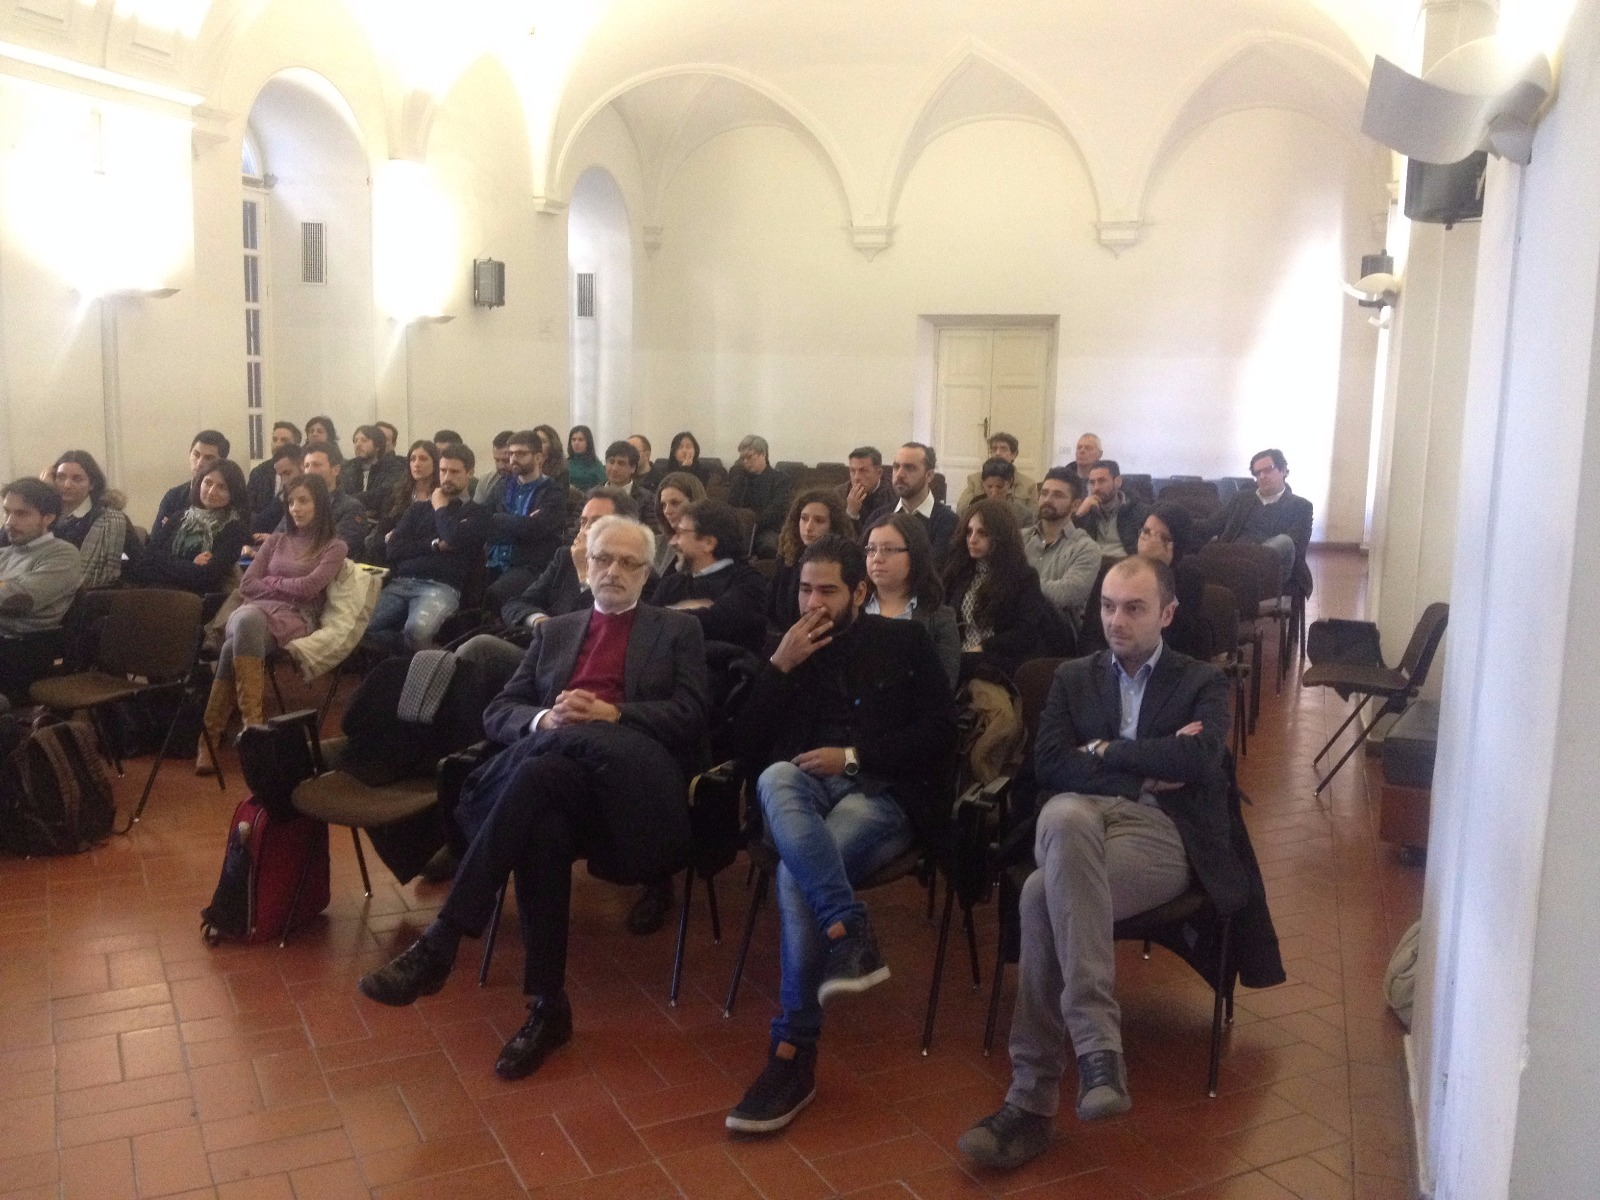 Il pubblico nell'Aula del Chiostro.